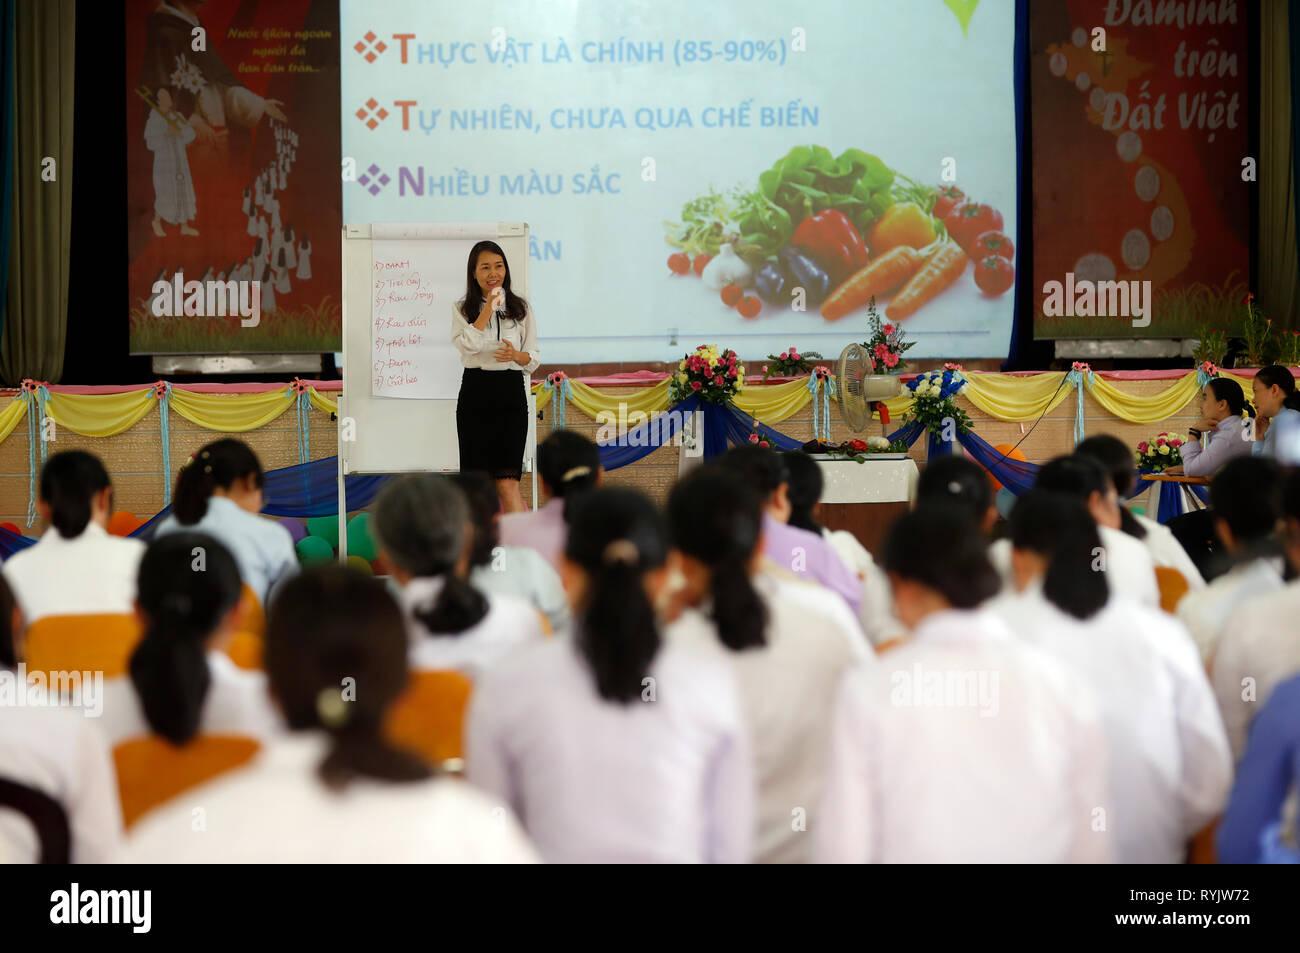 Dominikanische Gemeinschaft von Bien Hoa. Katholischen Schwestern. Konferenz über Ernährung. Vietnam. Stockbild